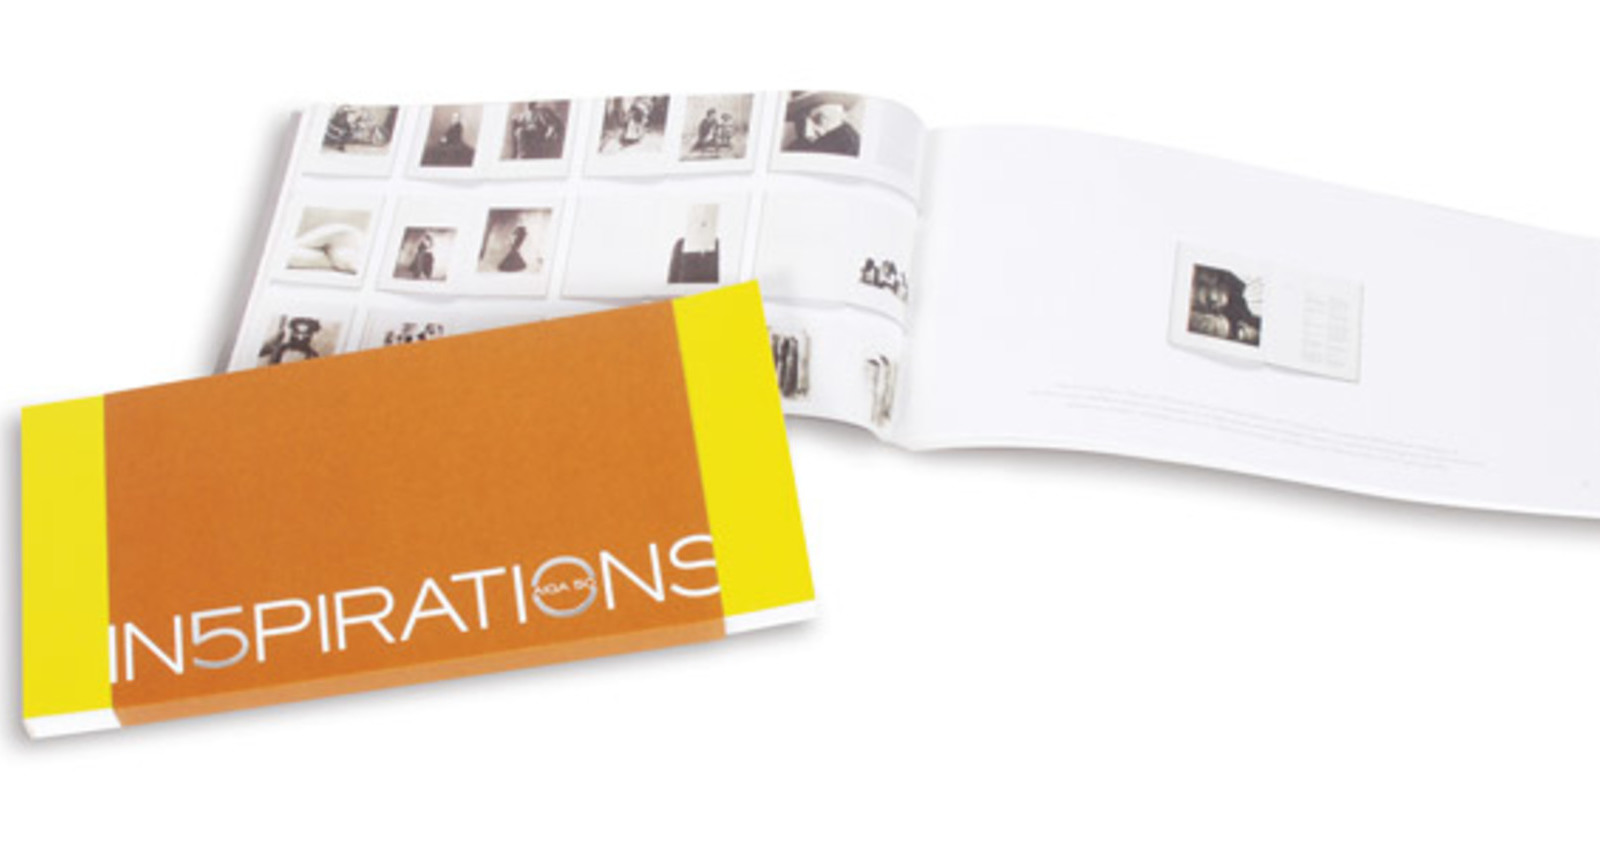 INSPIRATIONS: AIGA 50